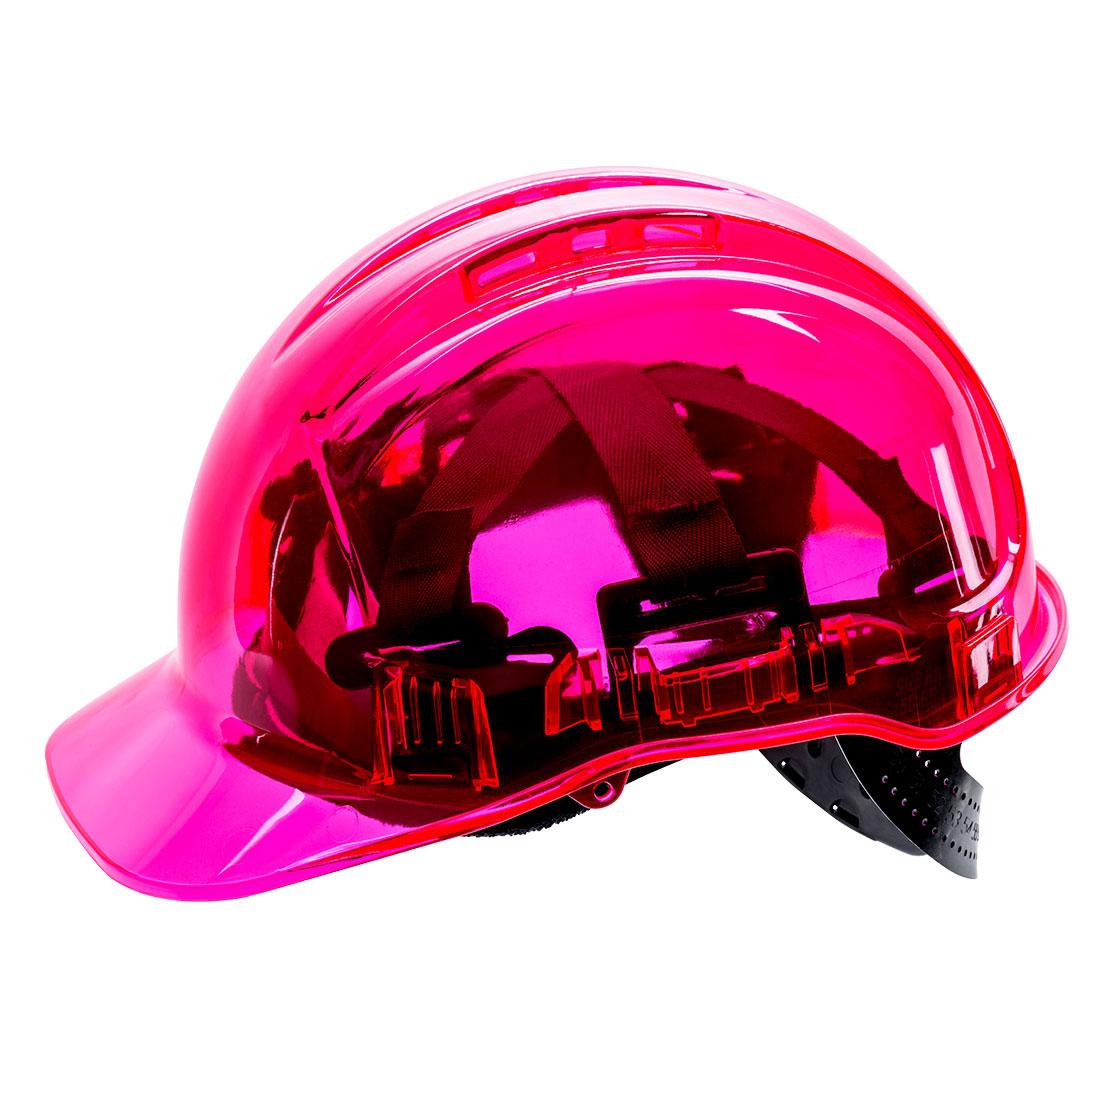 Peak View Helmet Pink